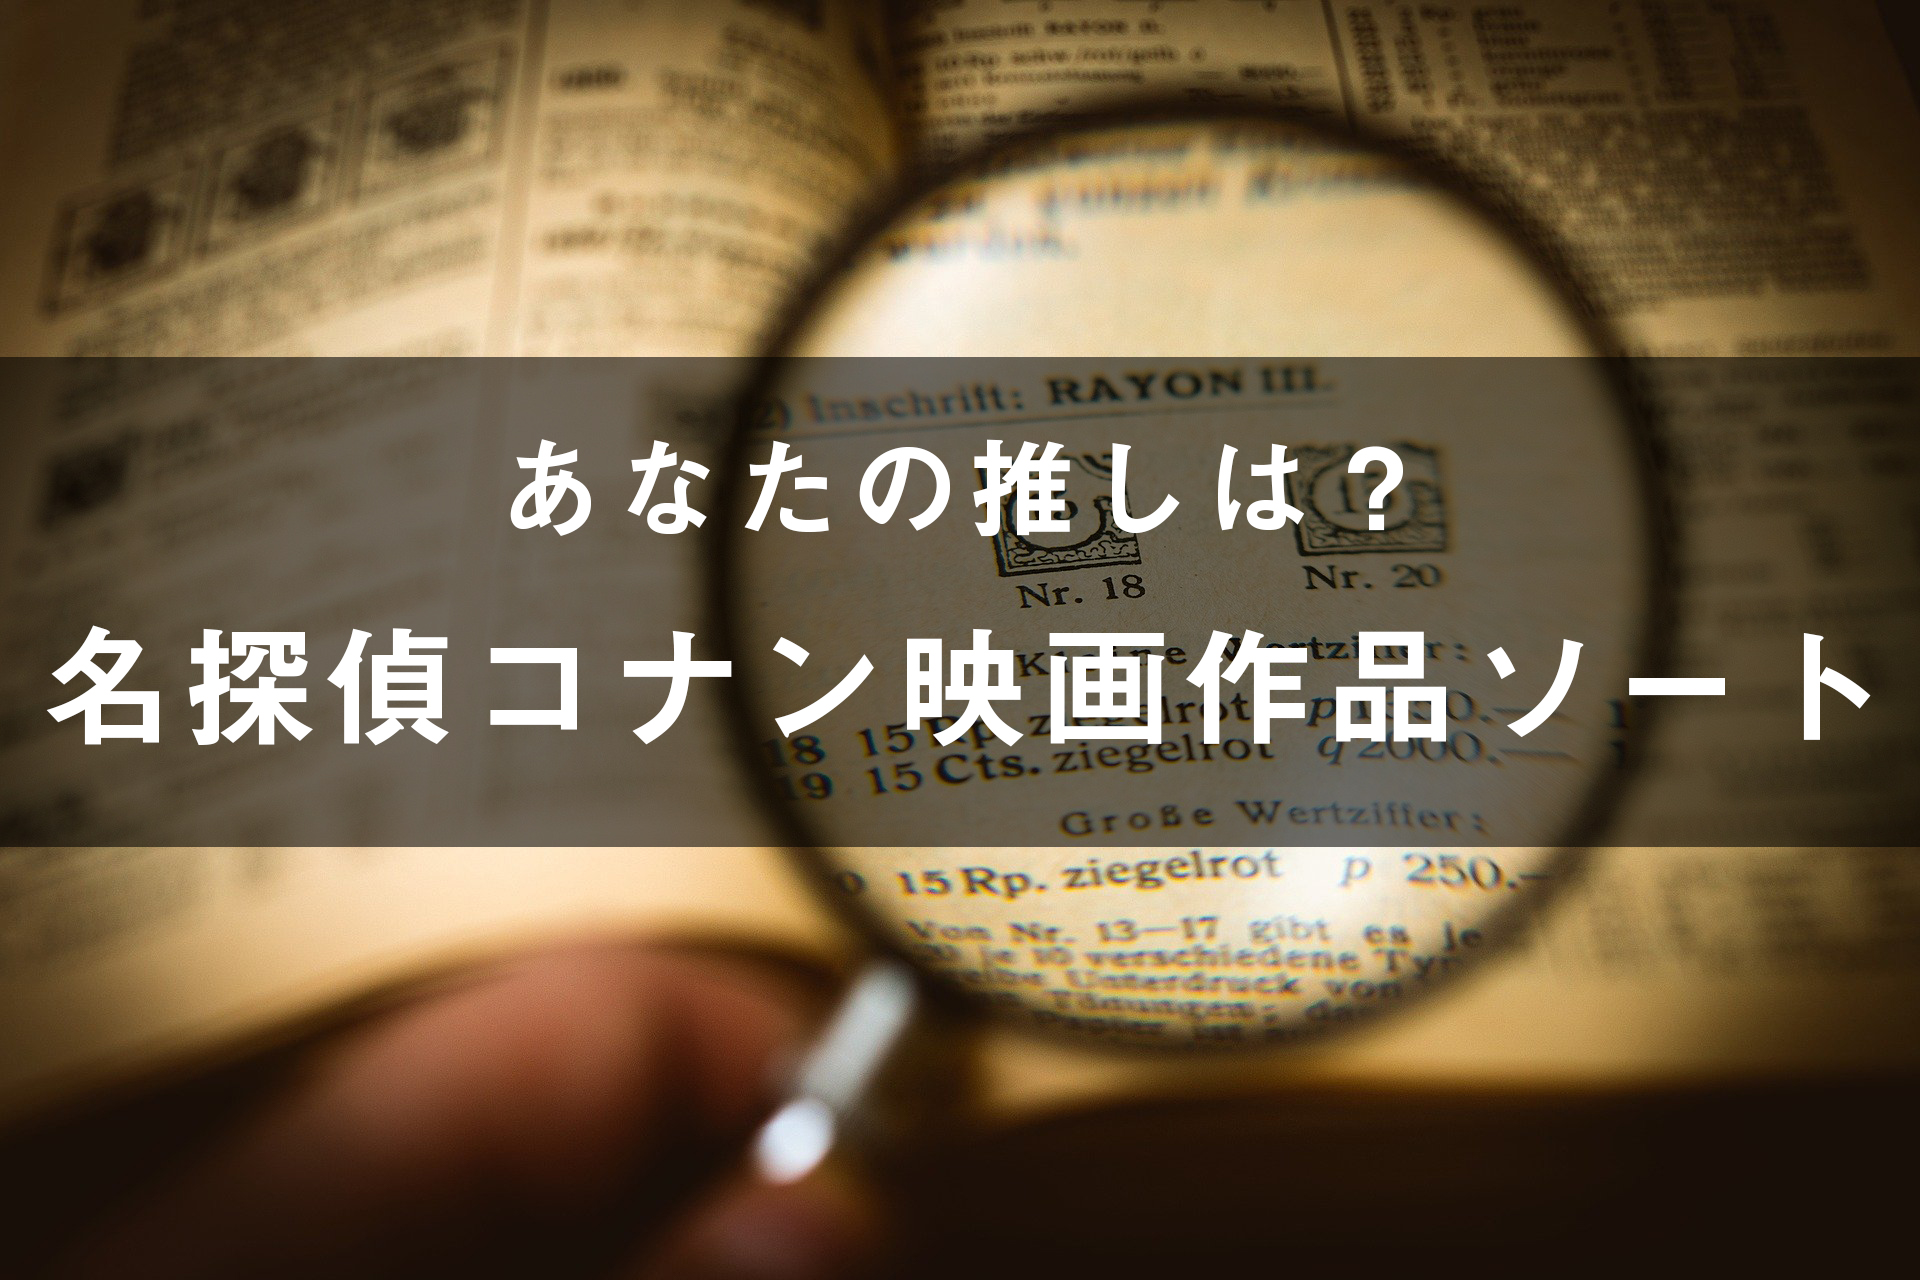 「名探偵コナン(映画)」の作品ソート(画像付き)